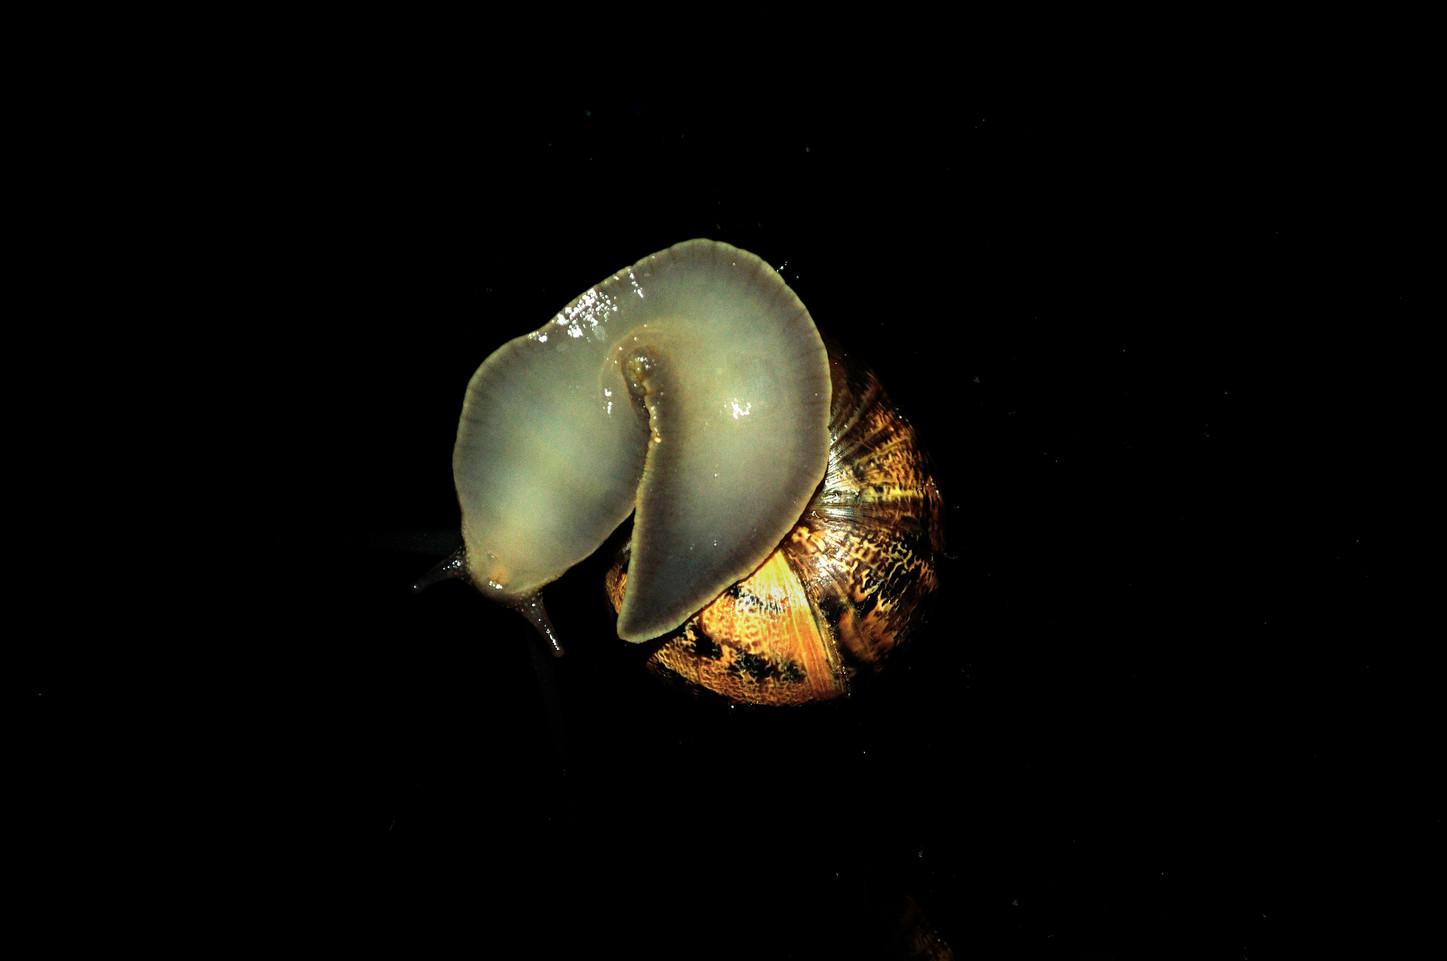 snail escargot nuit photography art